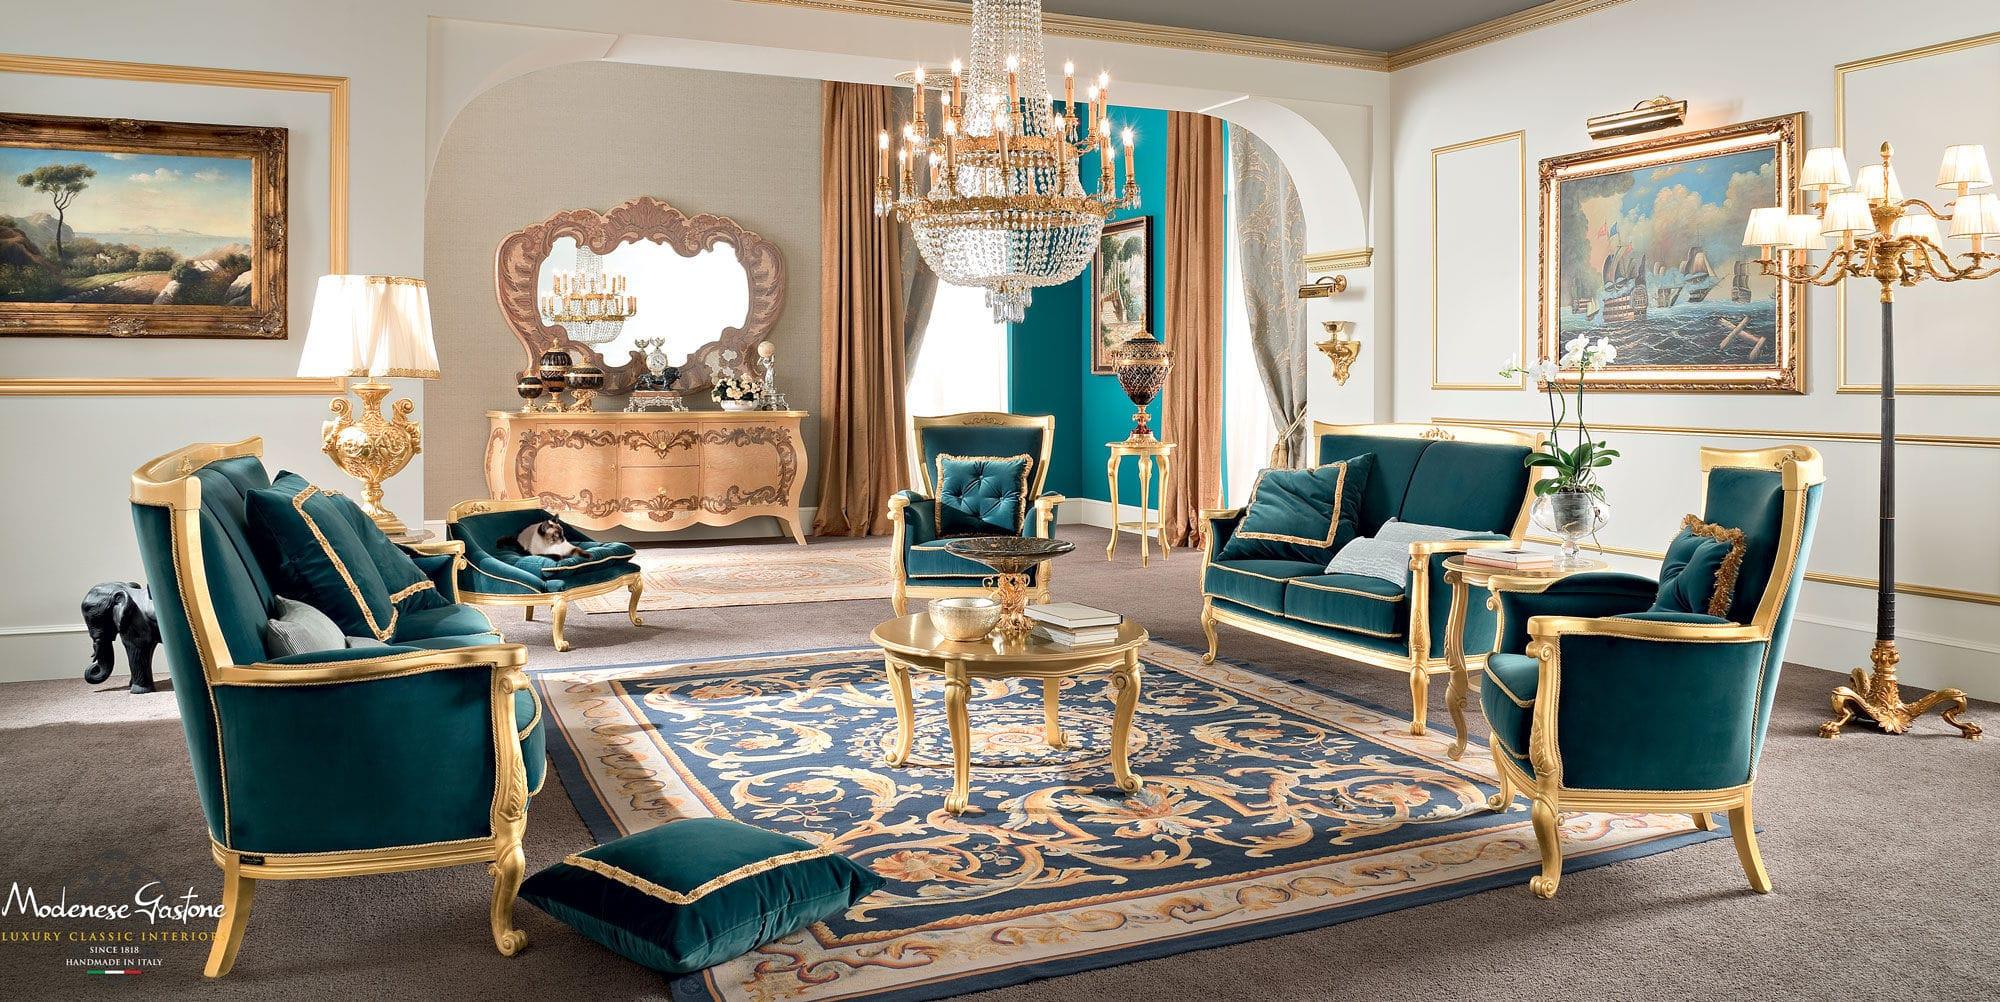 Classic sofa / fabric / 2-person / blue - BELLA VITA - Modenese ...